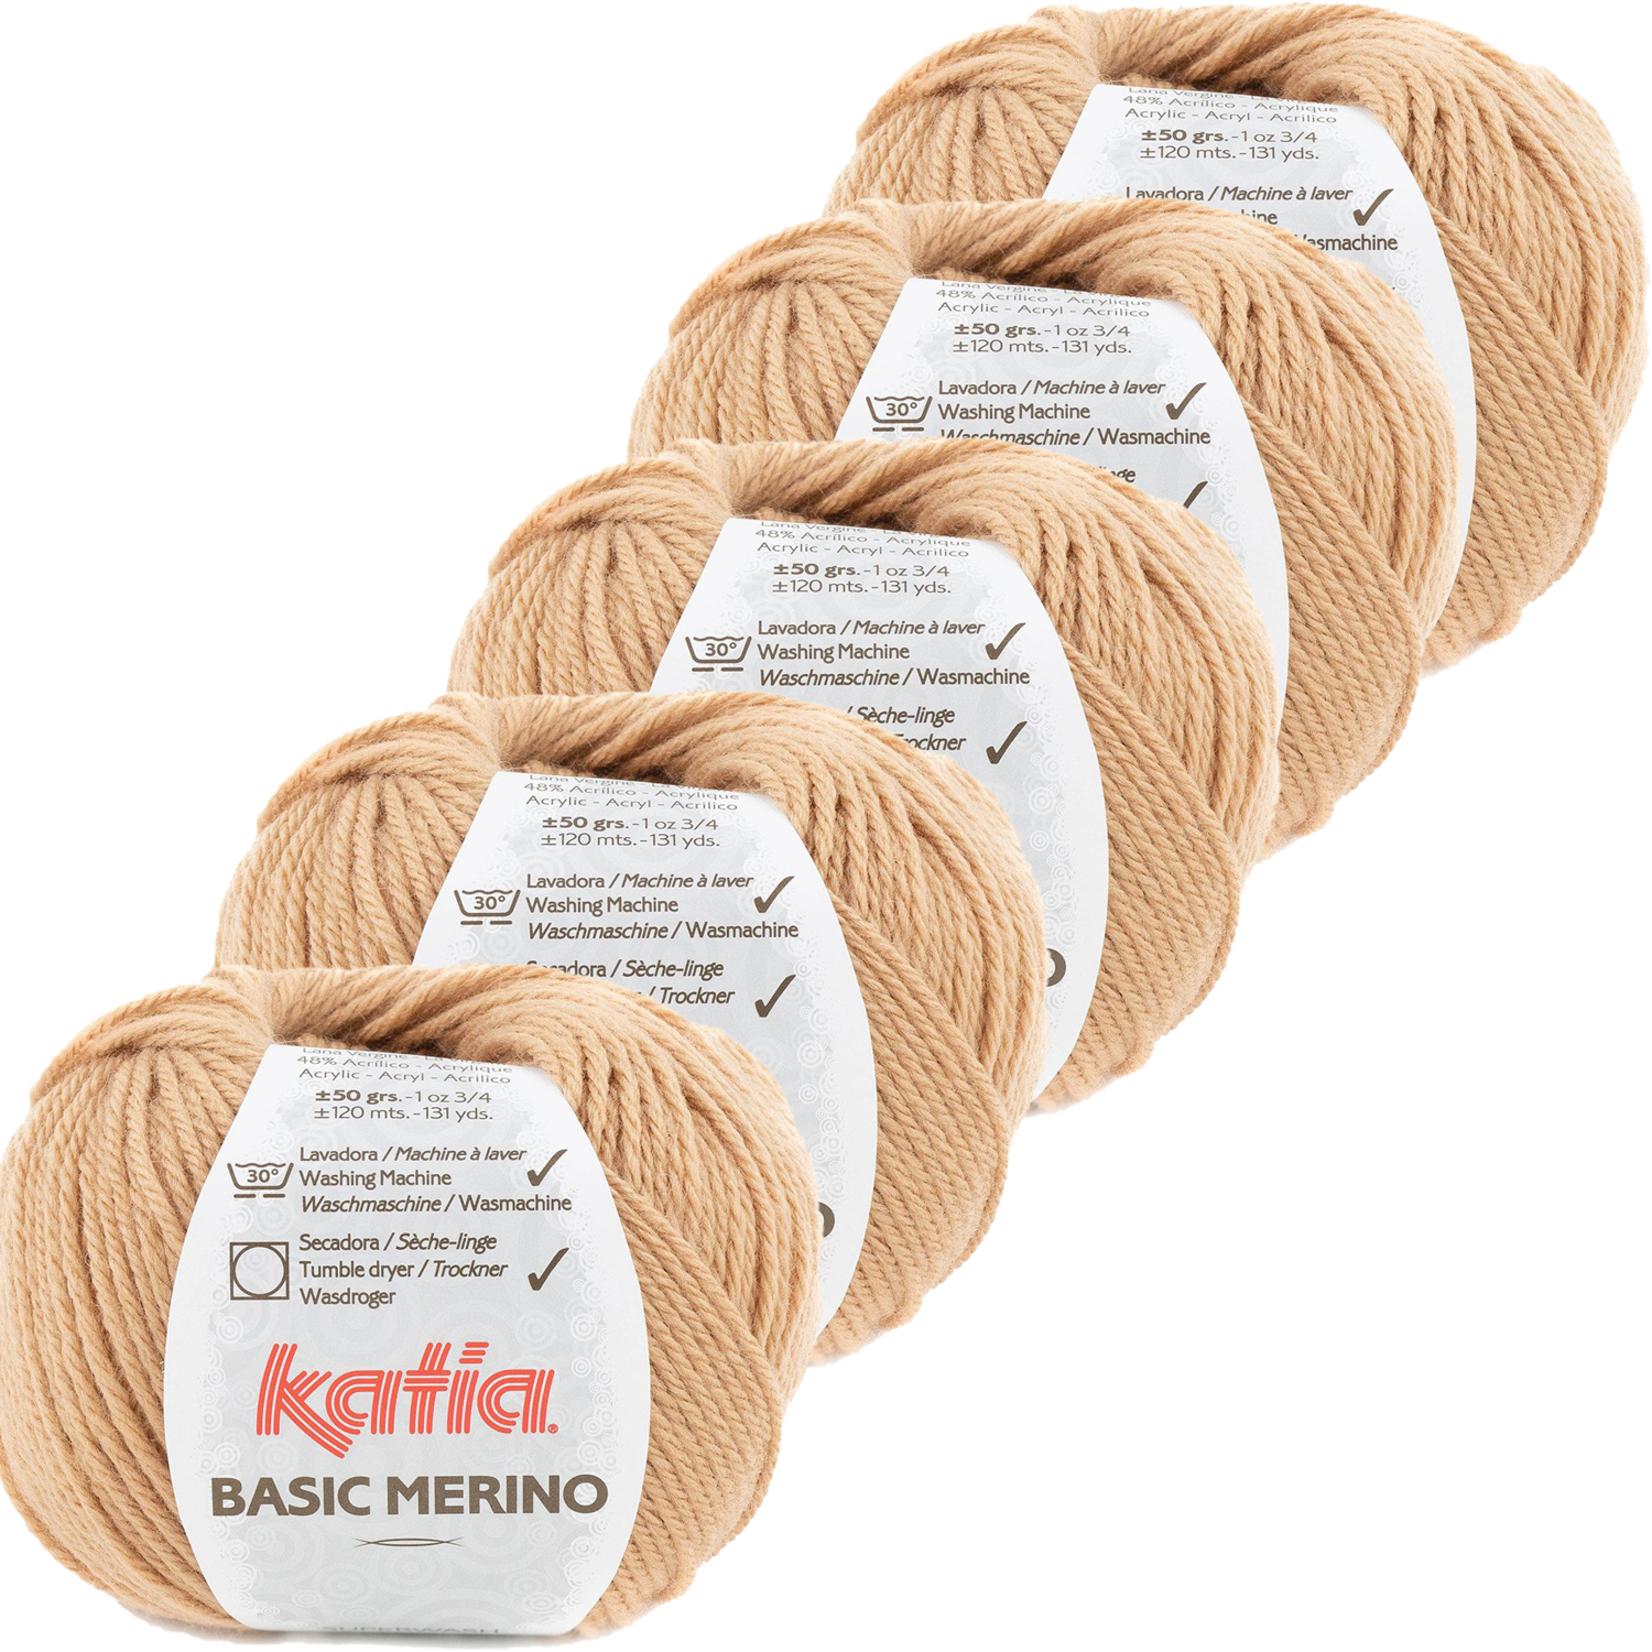 Katia Basic Merino - kleur 82_Zalmoranje - bundel 5 bollen 50 gr.  van 120 m.